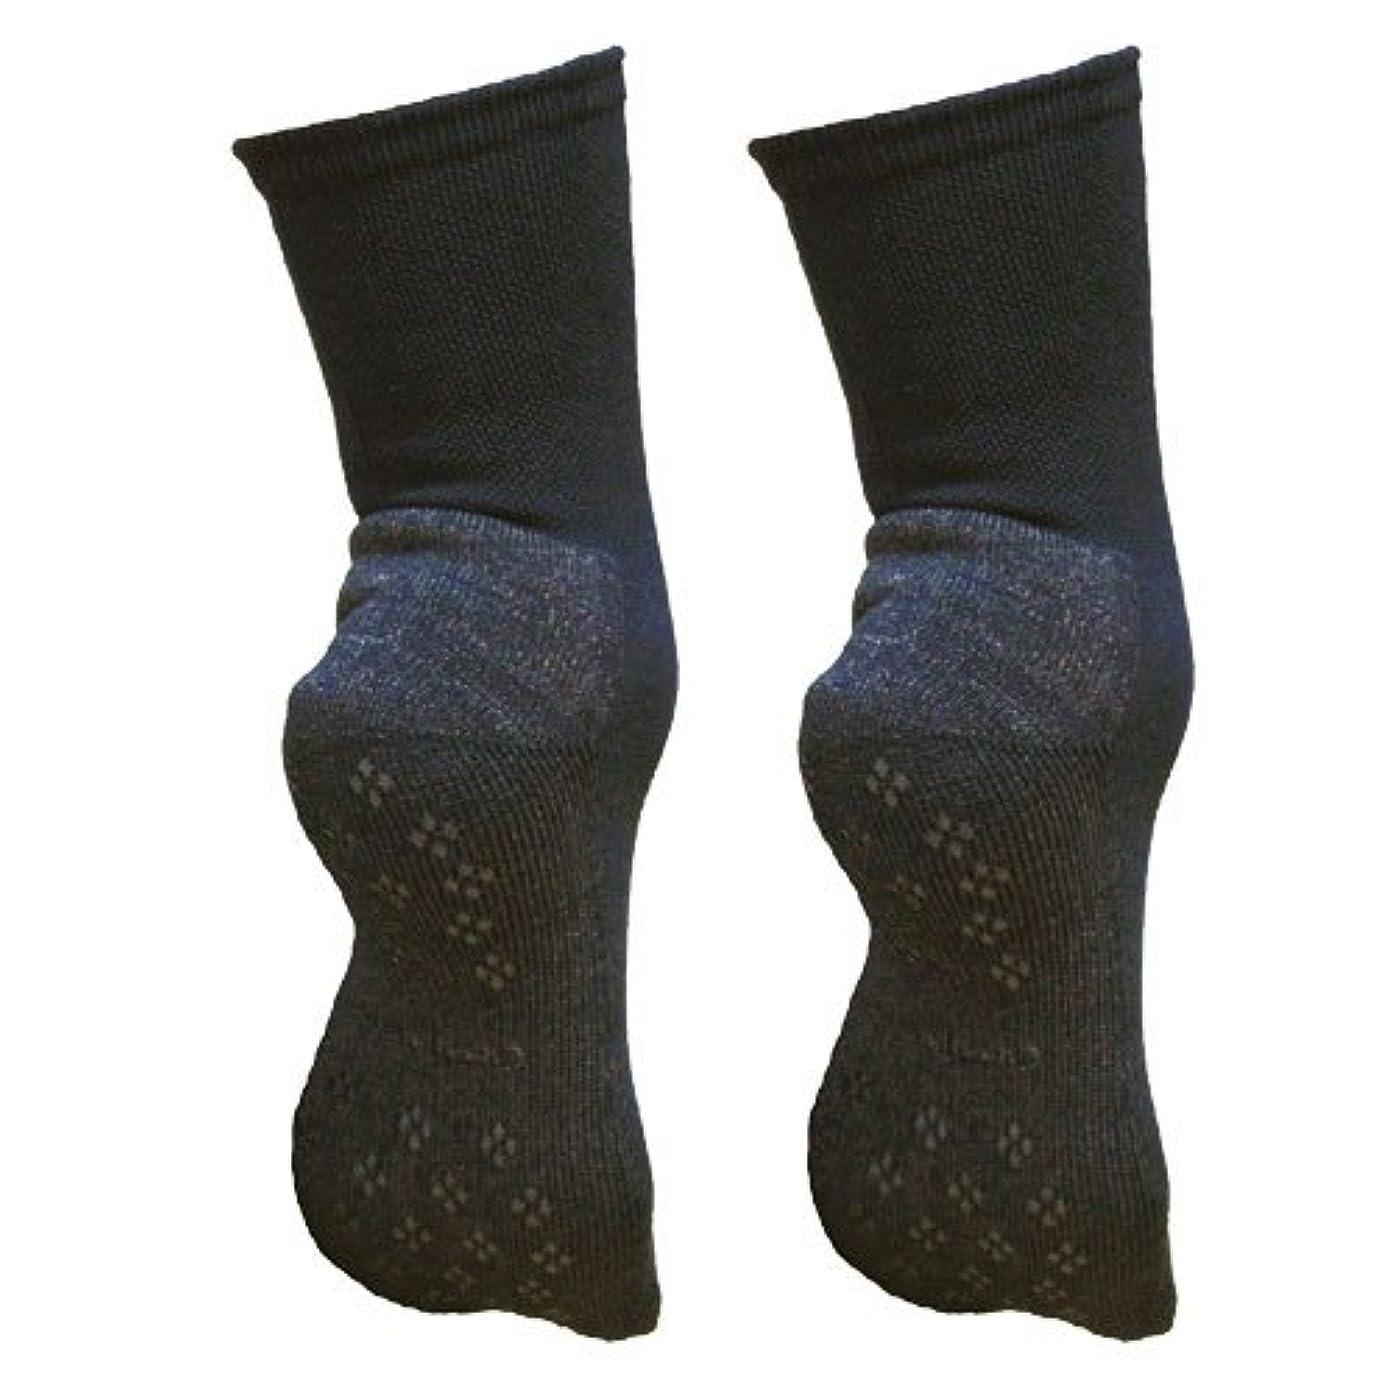 大臣頑張る過去銅繊維靴下「足もとはいつも青春」パイルタイプ2足セット 靴底のあたたかさ重視